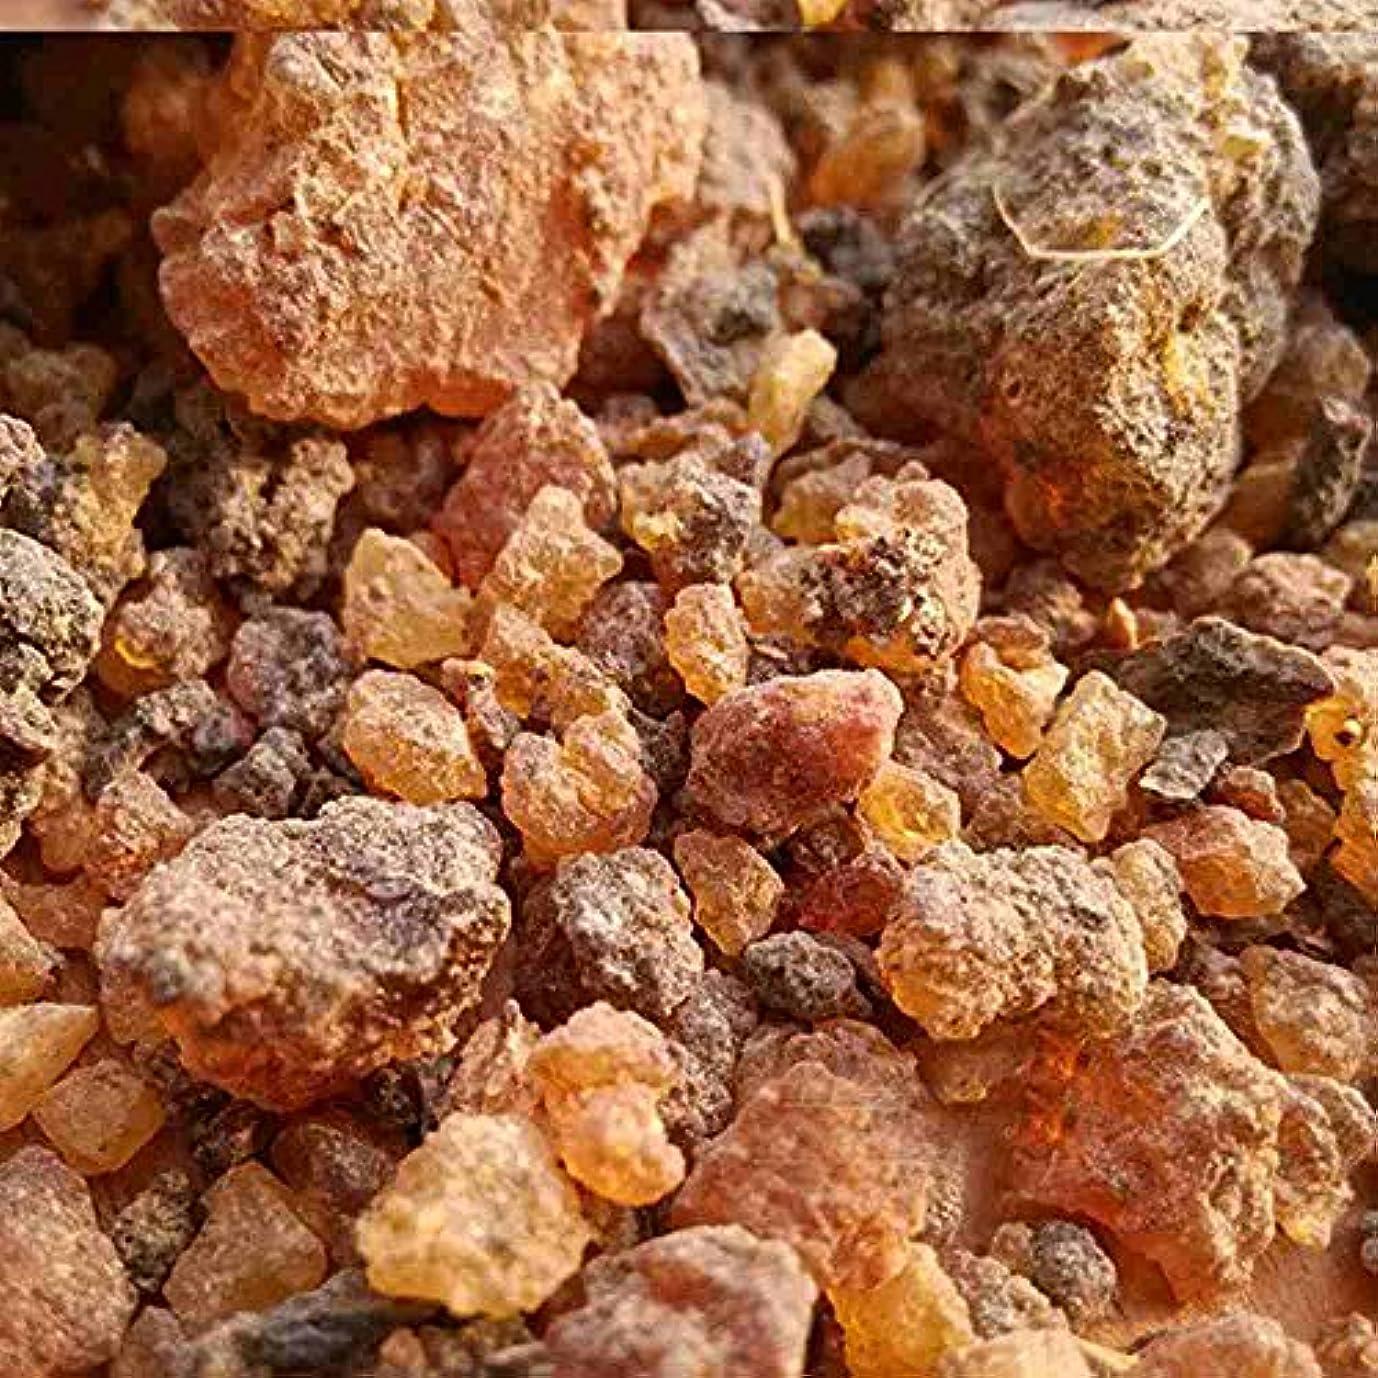 ミルラ樹脂 – 100%純オーガニック乳香樹脂 – 有機没薬 – 0.22ポンド(100 g)Kenya Myrrh Resin – Earthwise Aromatics